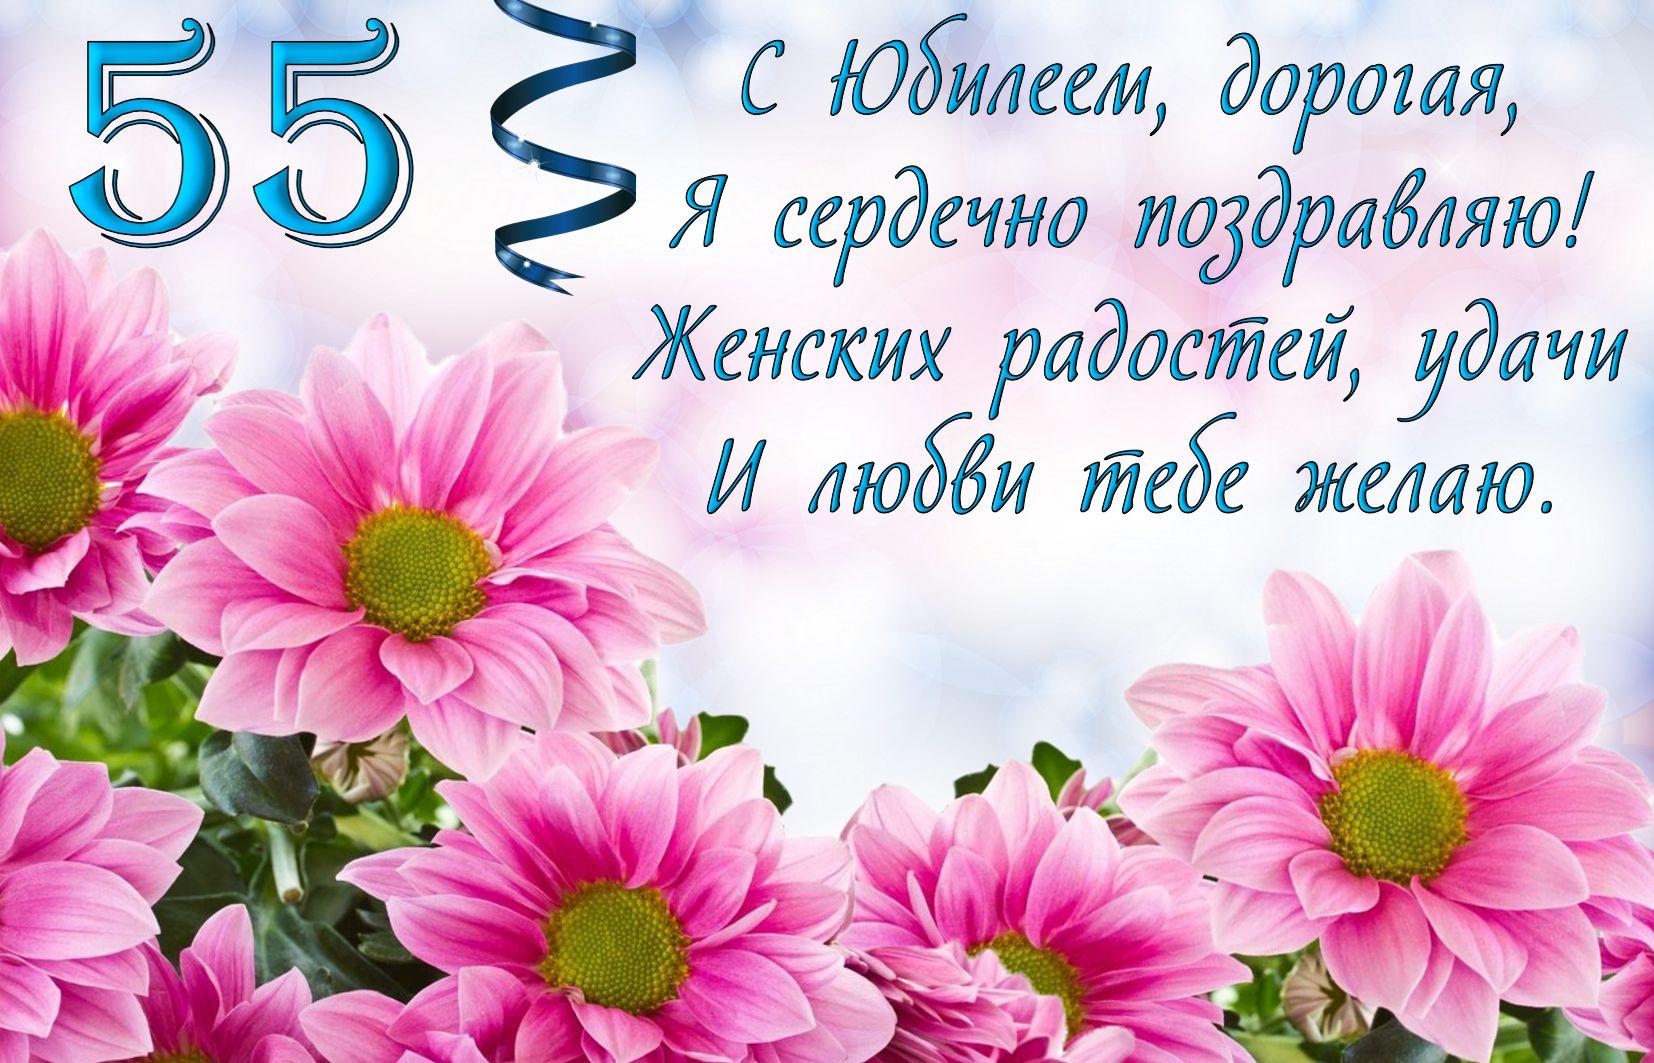 Открытка с розовыми цветами и пожеланием на 55 лет